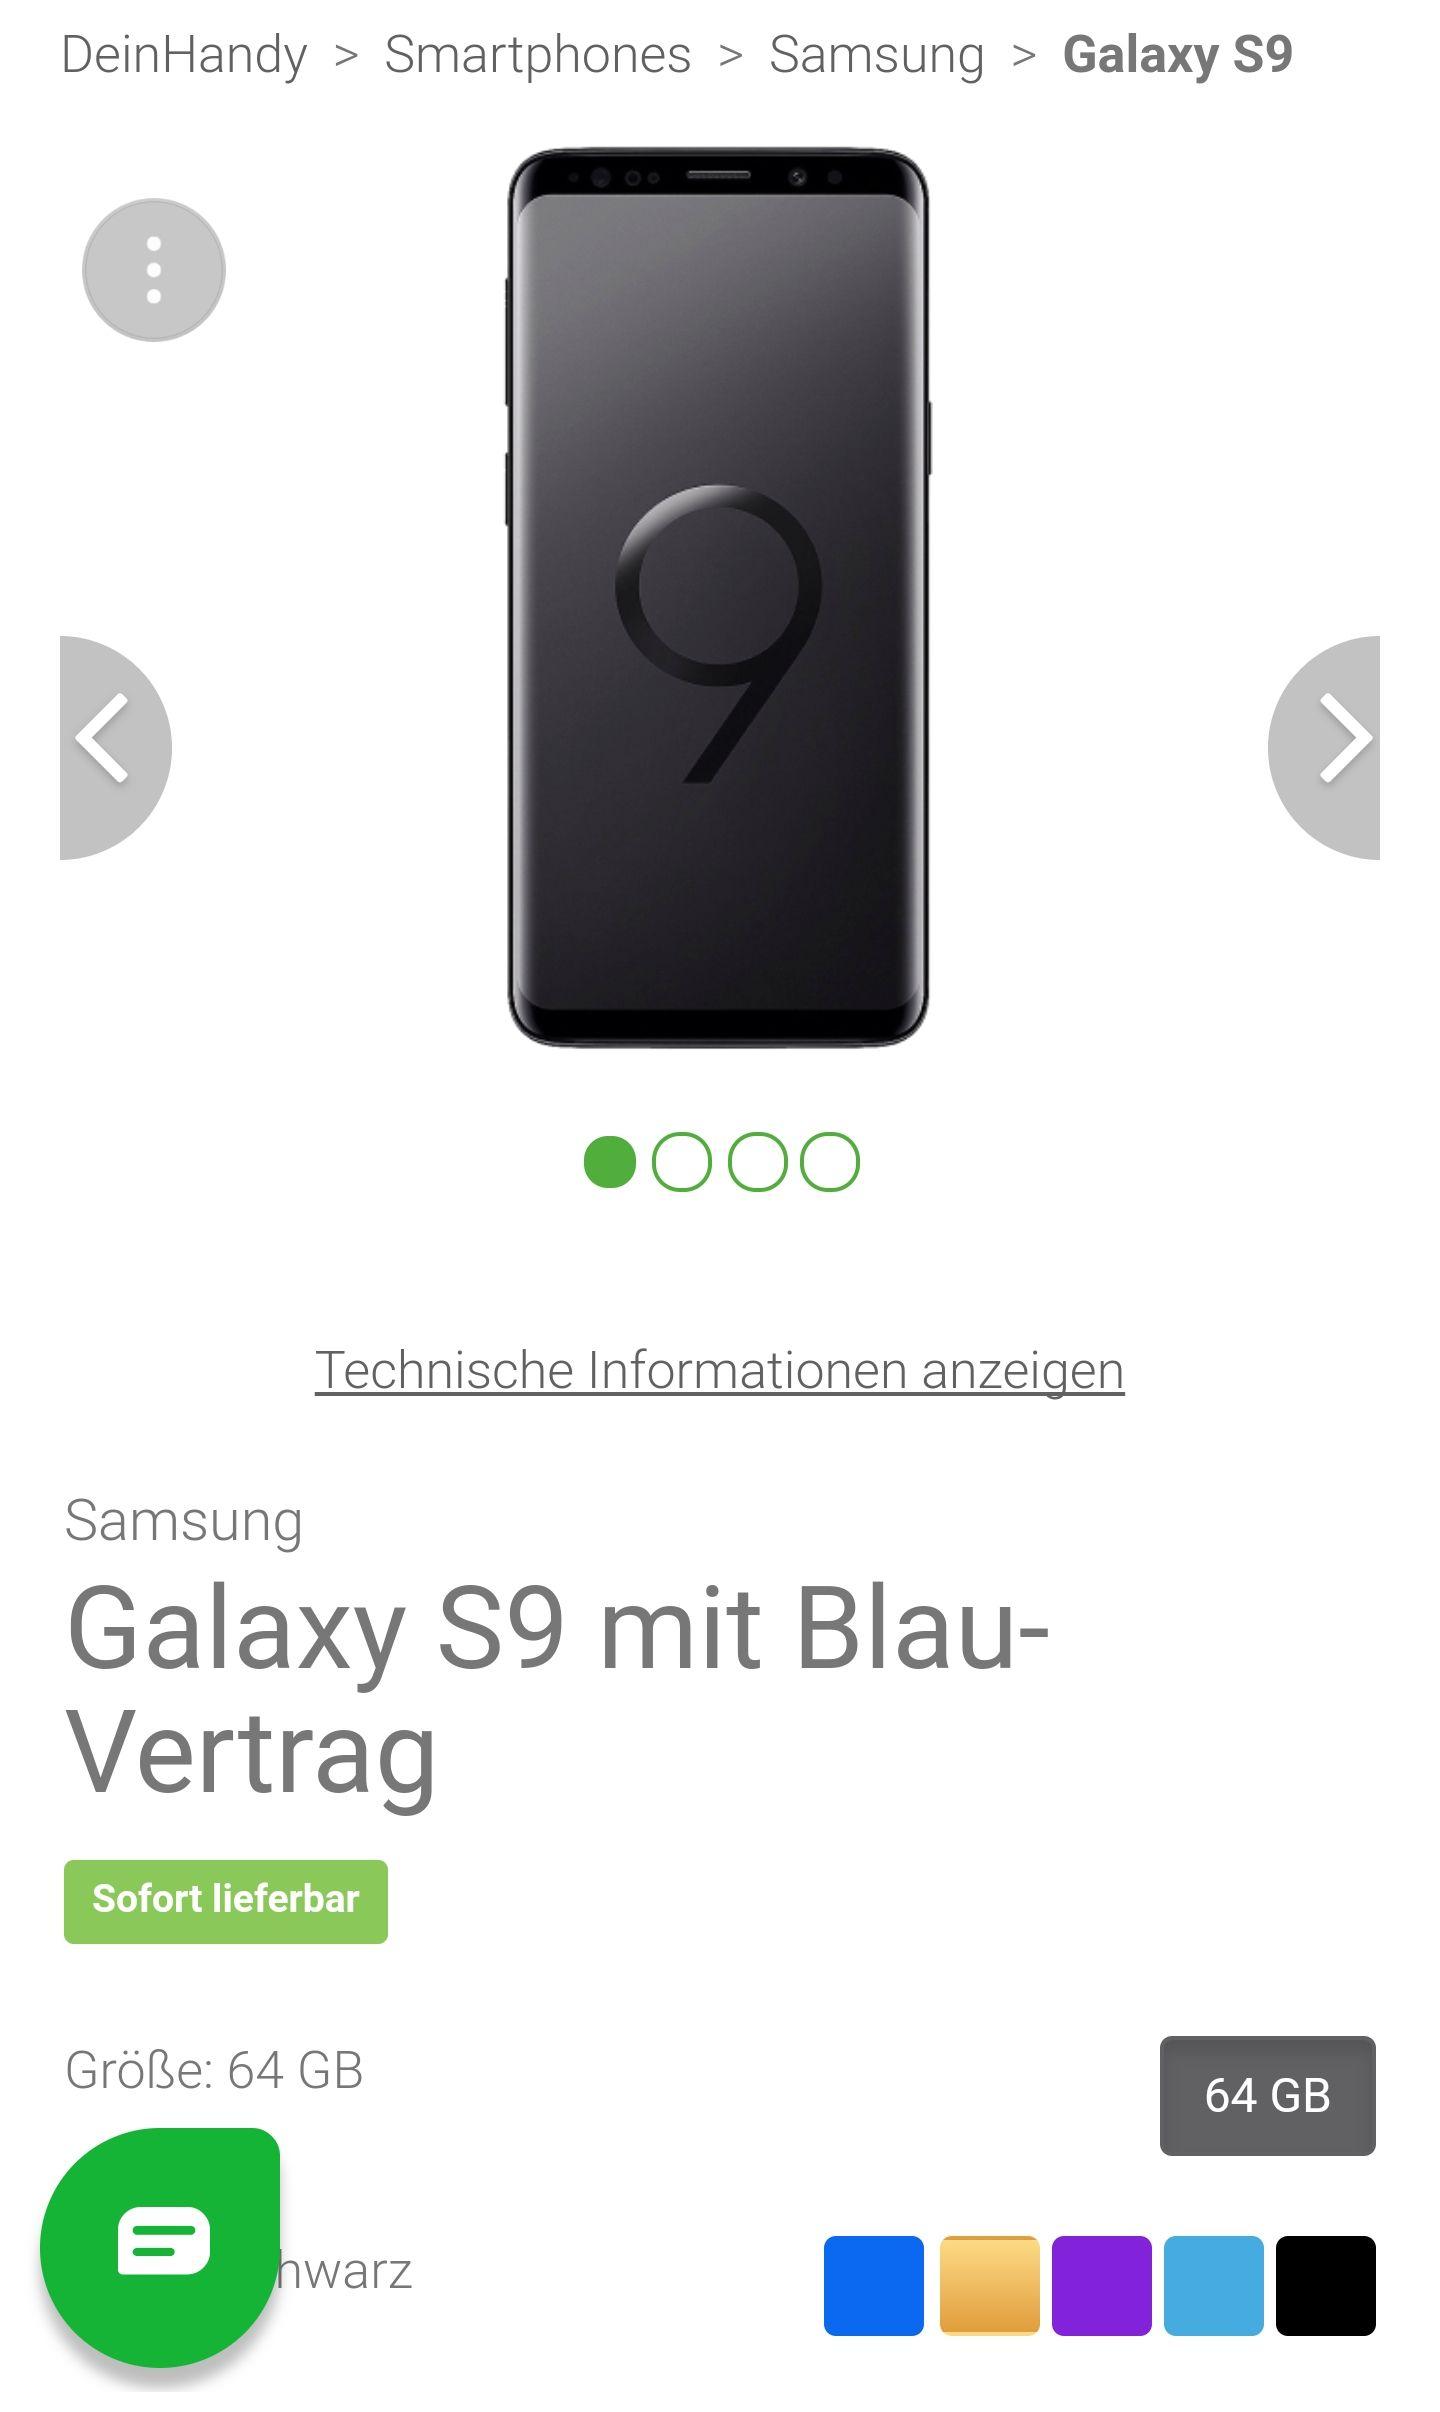 Samsung Galaxy S9 mit Blau 5GB LTE Tarif für 19,99€ pro Monat und 79€ Zuzahlung